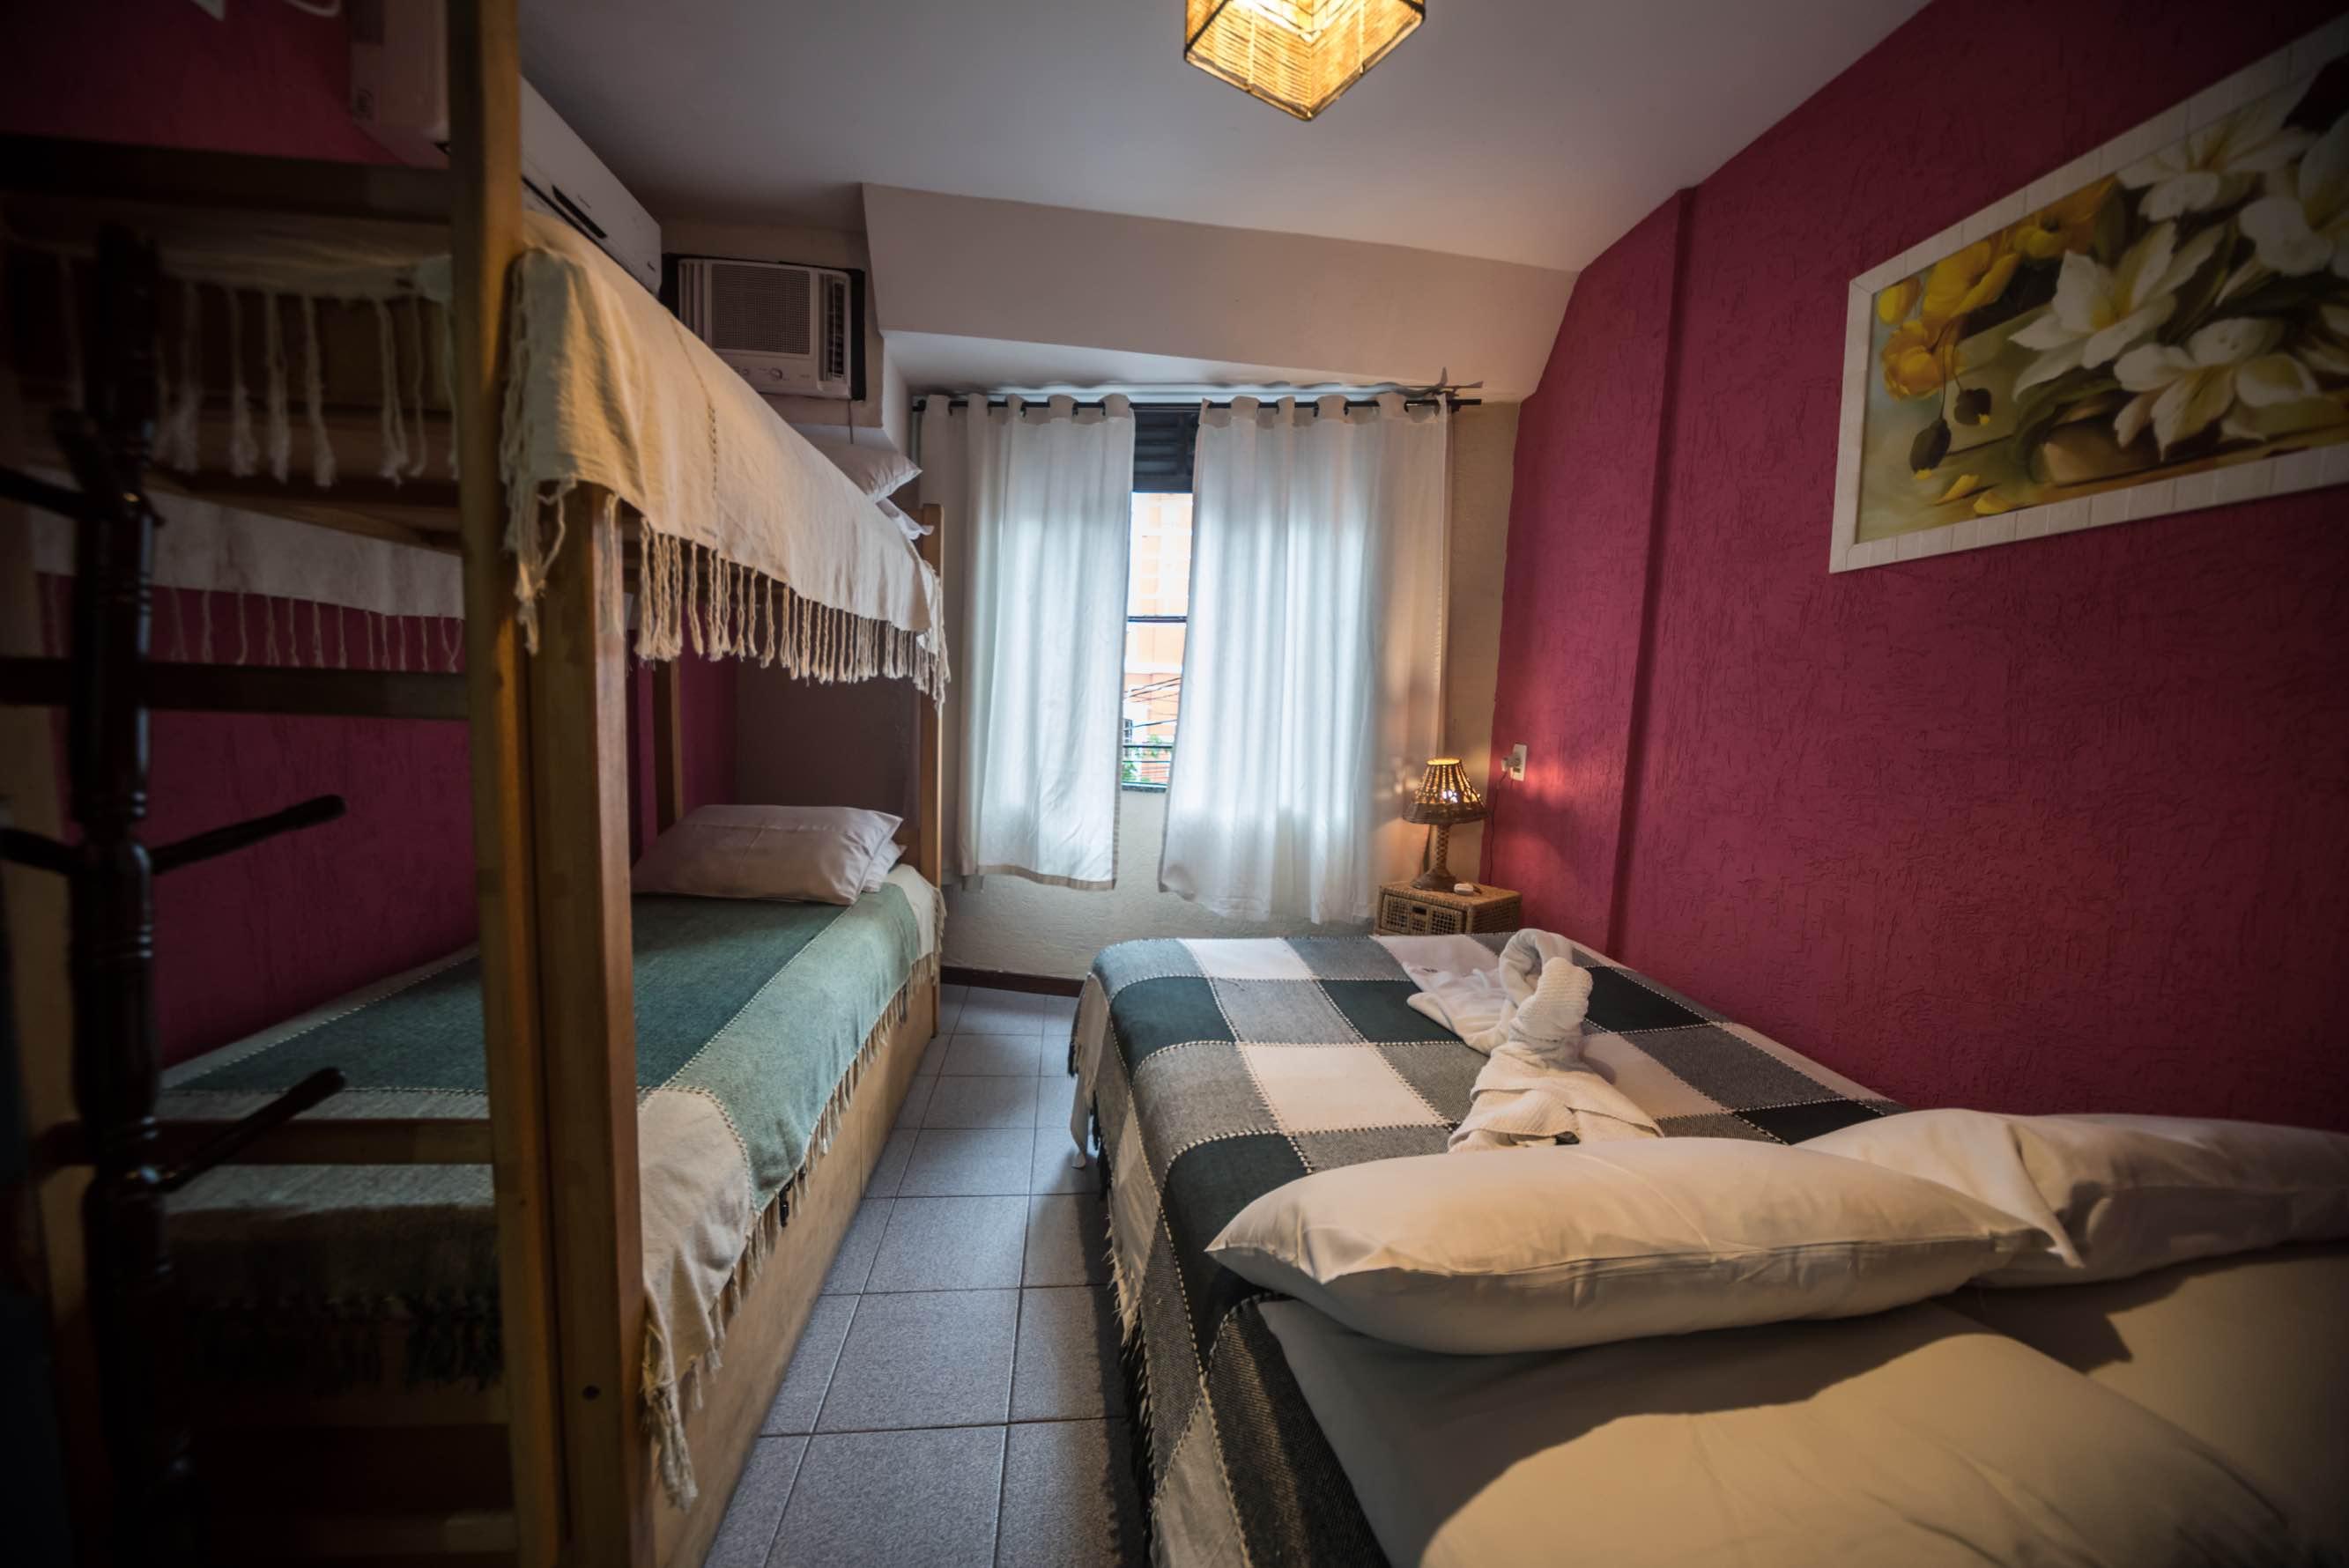 Tupiniquim Hostel